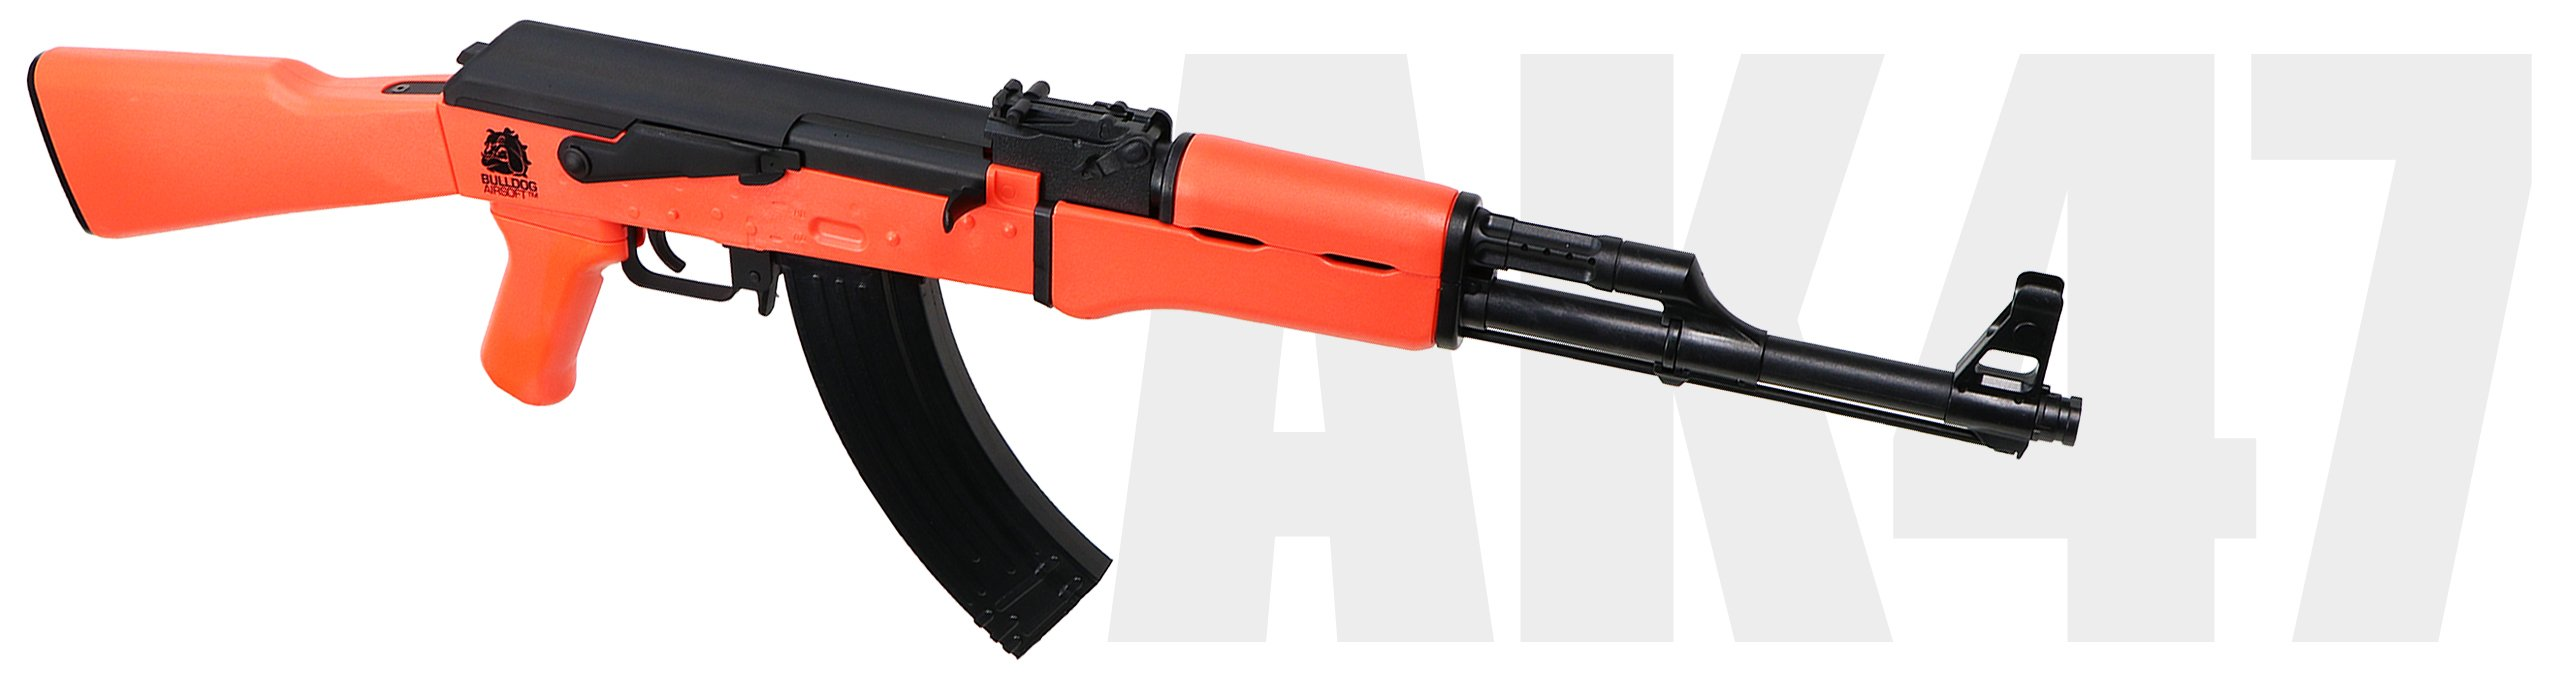 ak47 aeg airsoft bb gun